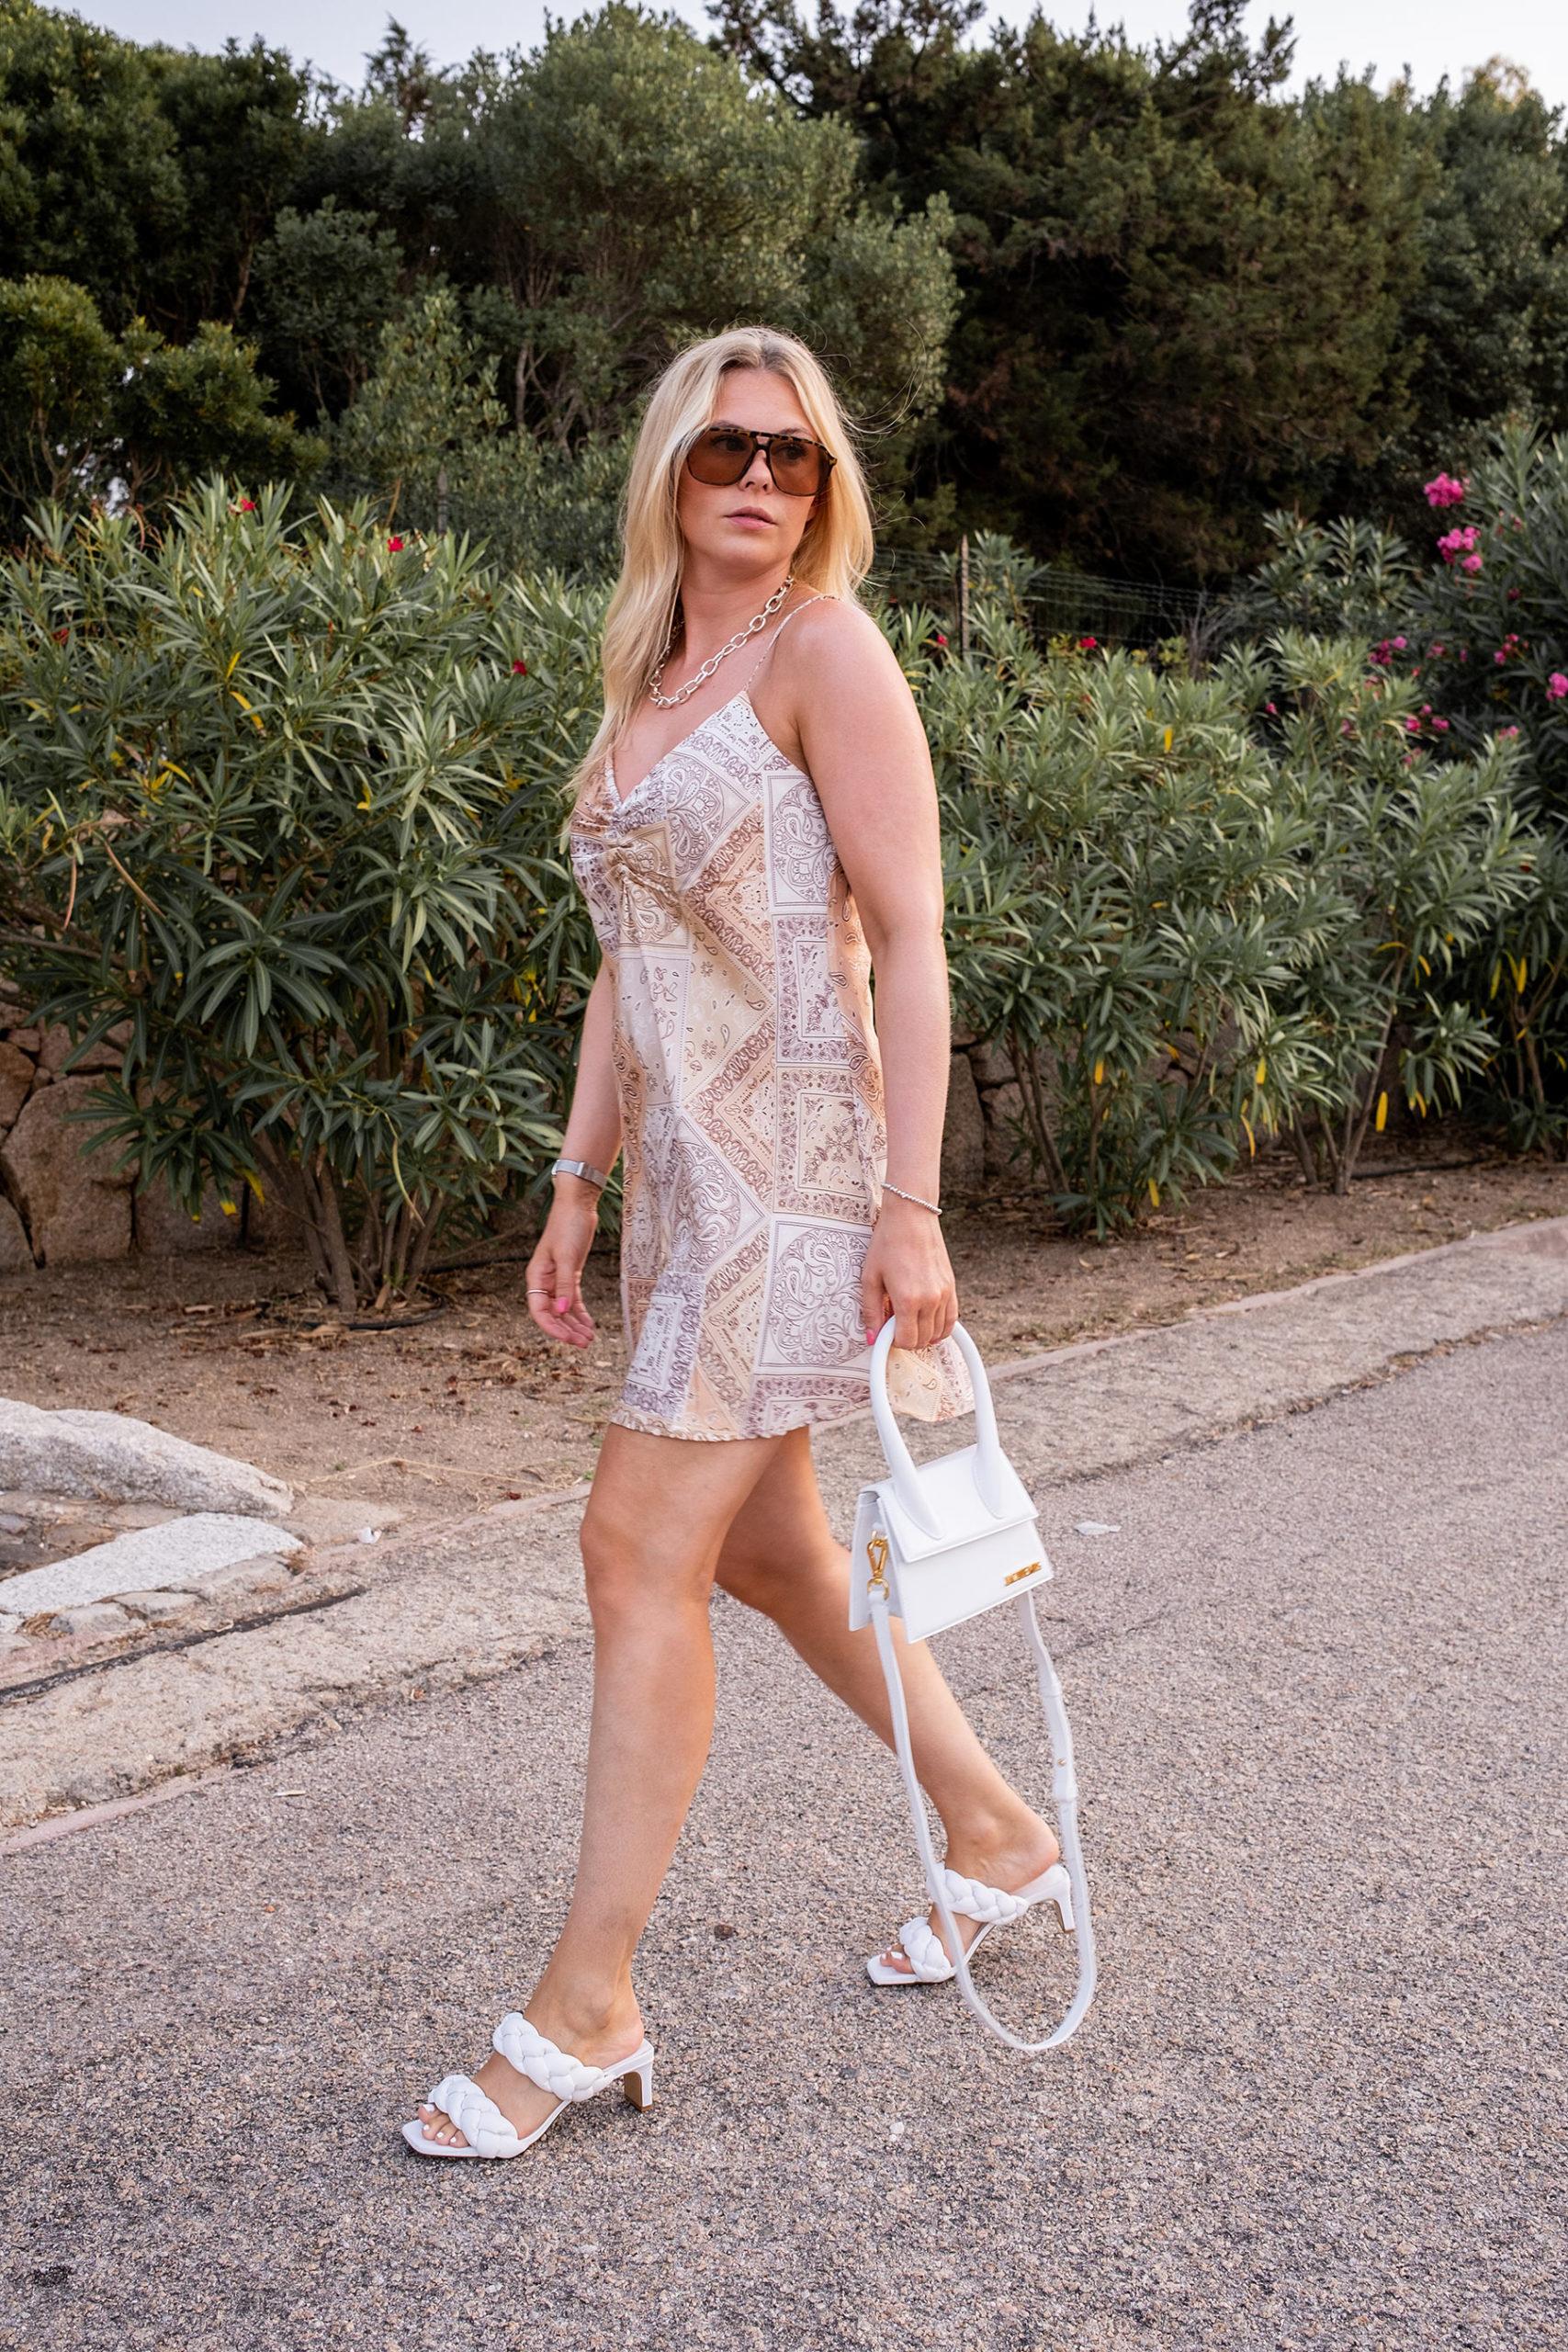 slipkleid paisley muster outfit dinner fashion blog sunnyinga